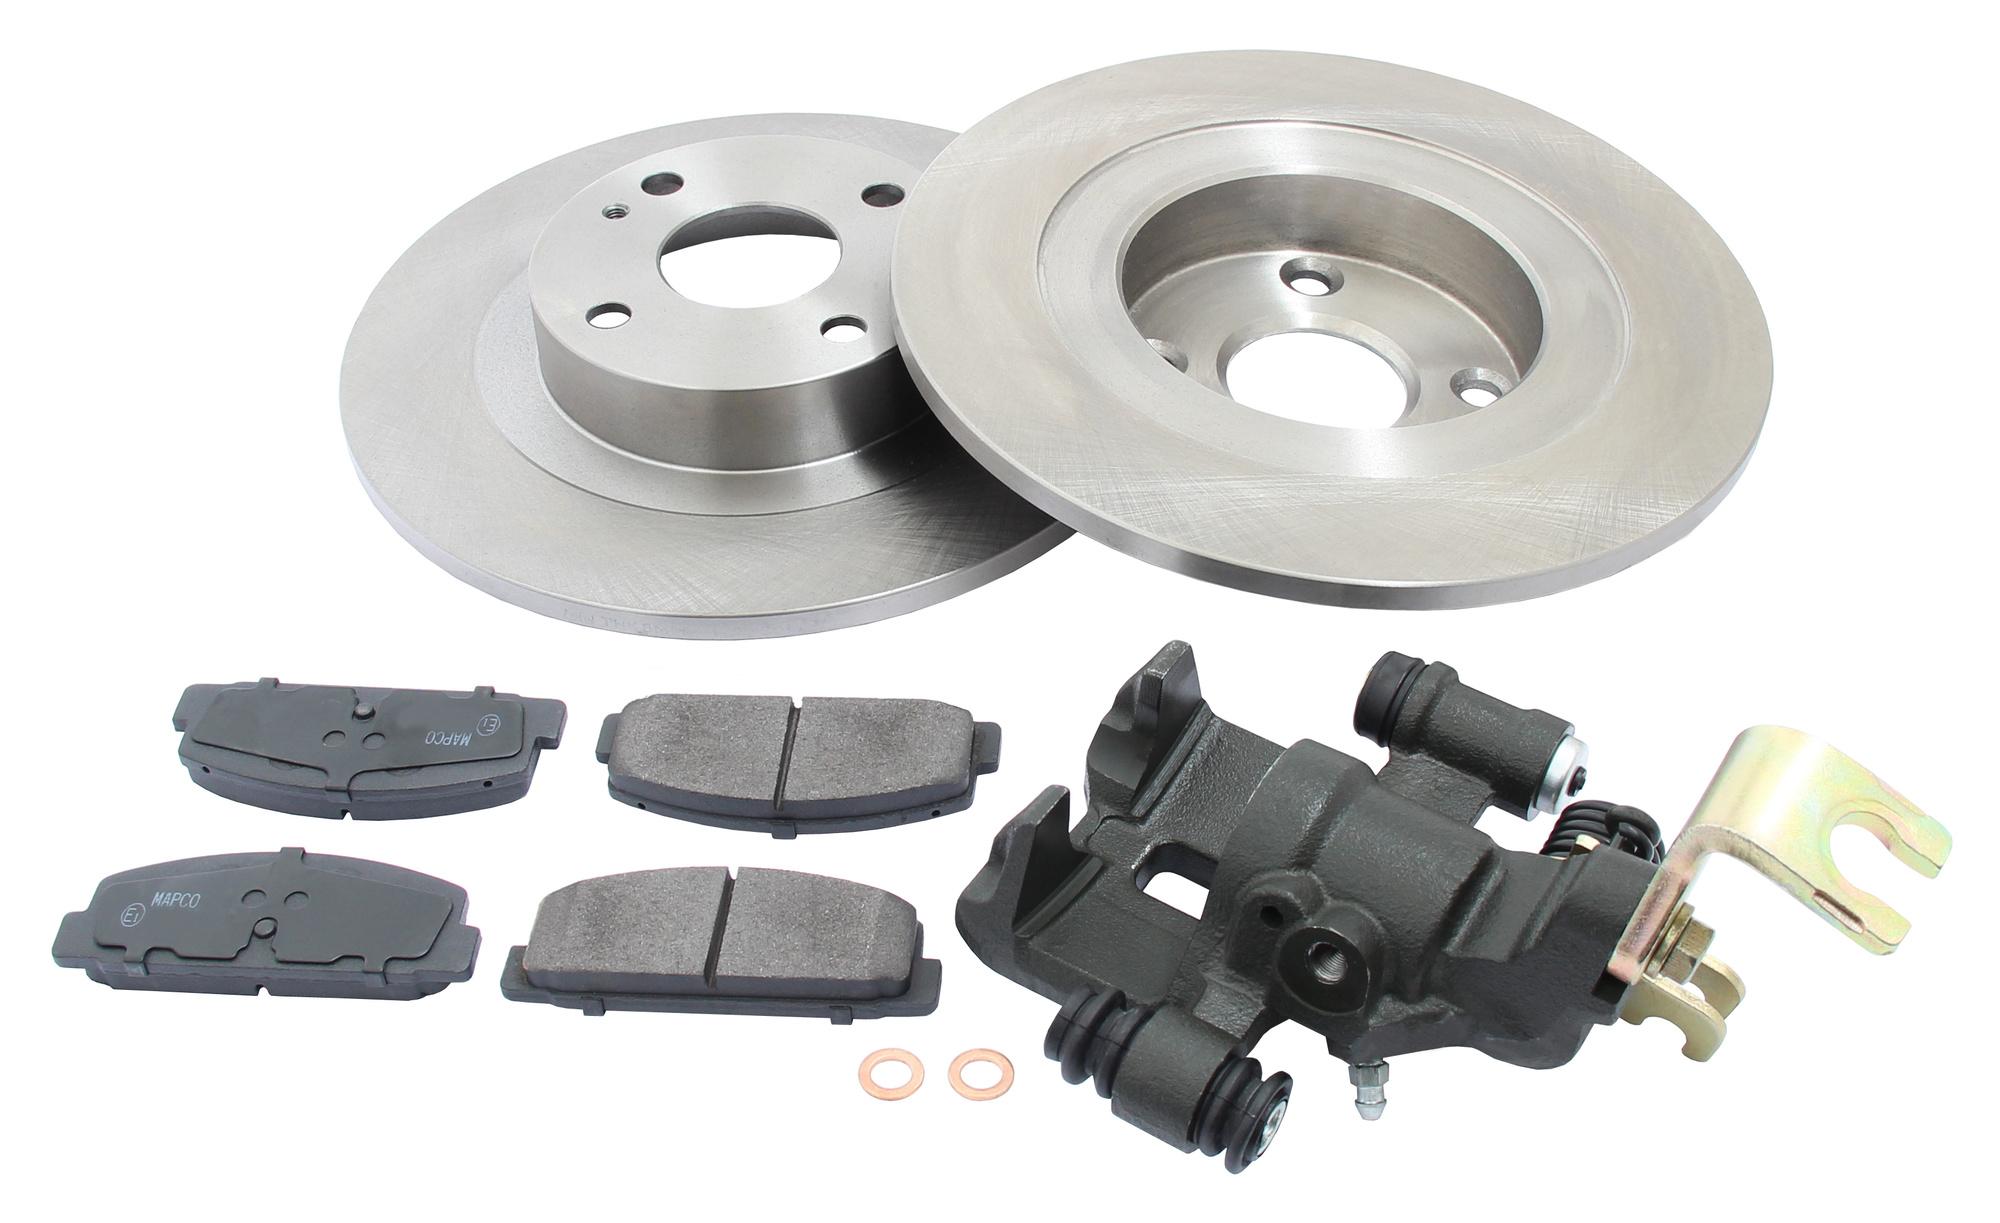 MAPCO 4504/5 Bremsensatz Bremsscheiben mit Bremsbelägen Hinterachse links